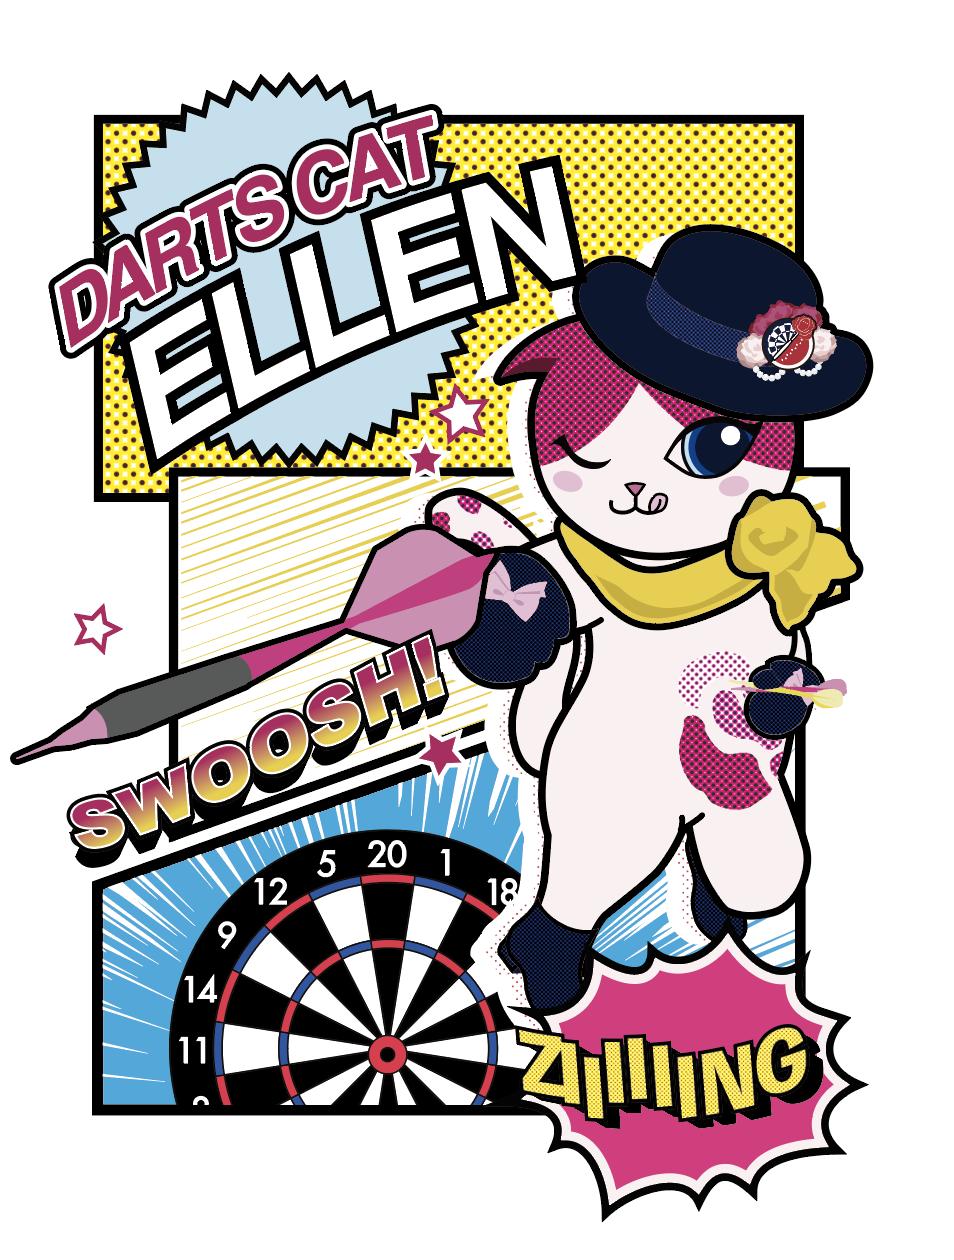 【アニメ調】エレンちゃんの新しいイラストですって!